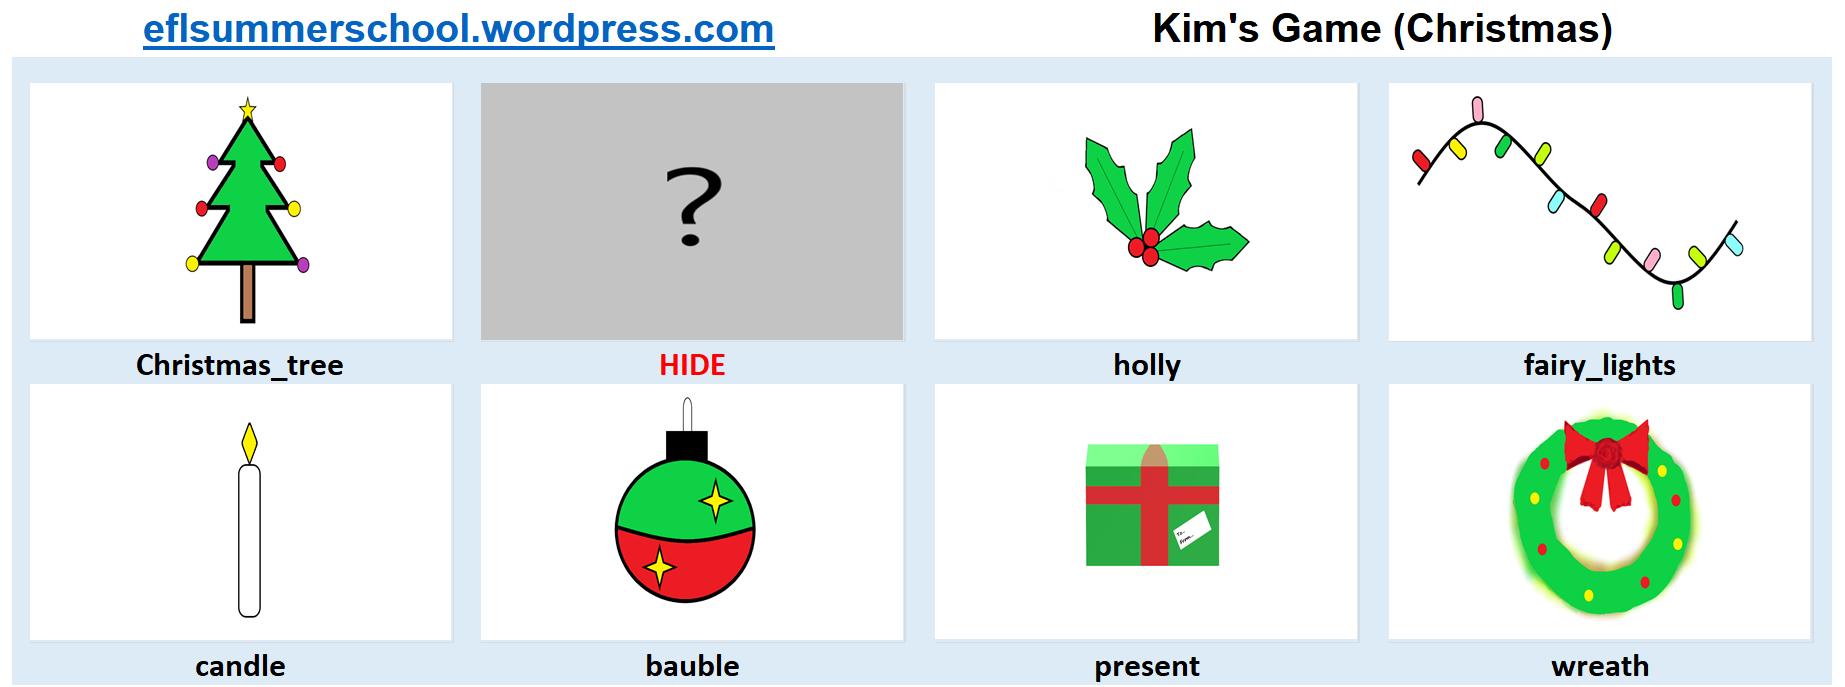 Kim's Game (Christmas) II